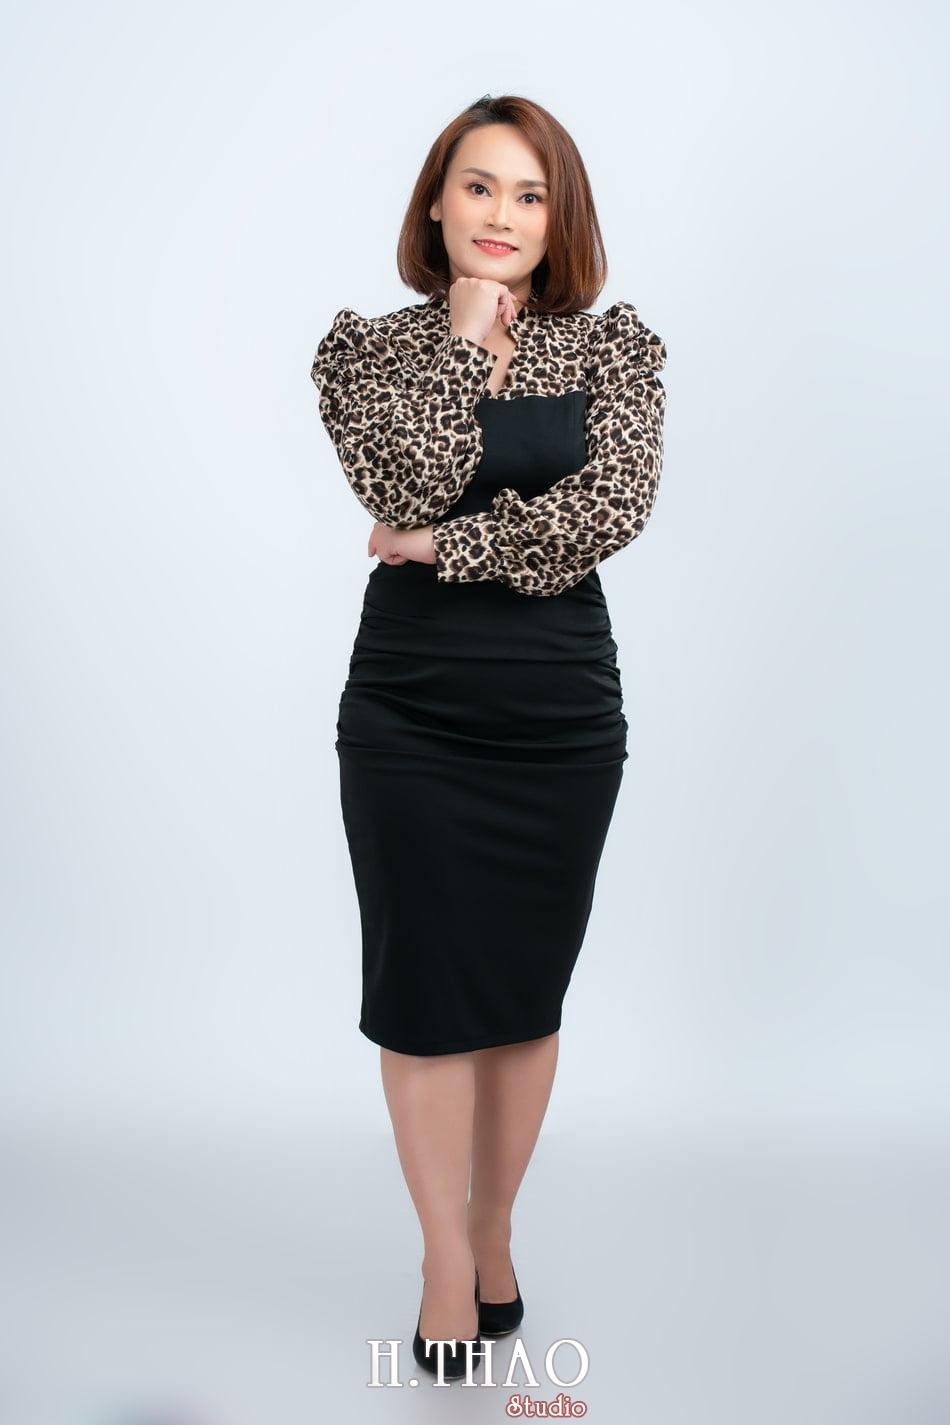 Anh Profile 13 - Album ảnh doanh nhân nữ: chị Kim đẹp nhẹ nhàng - HThao Studio